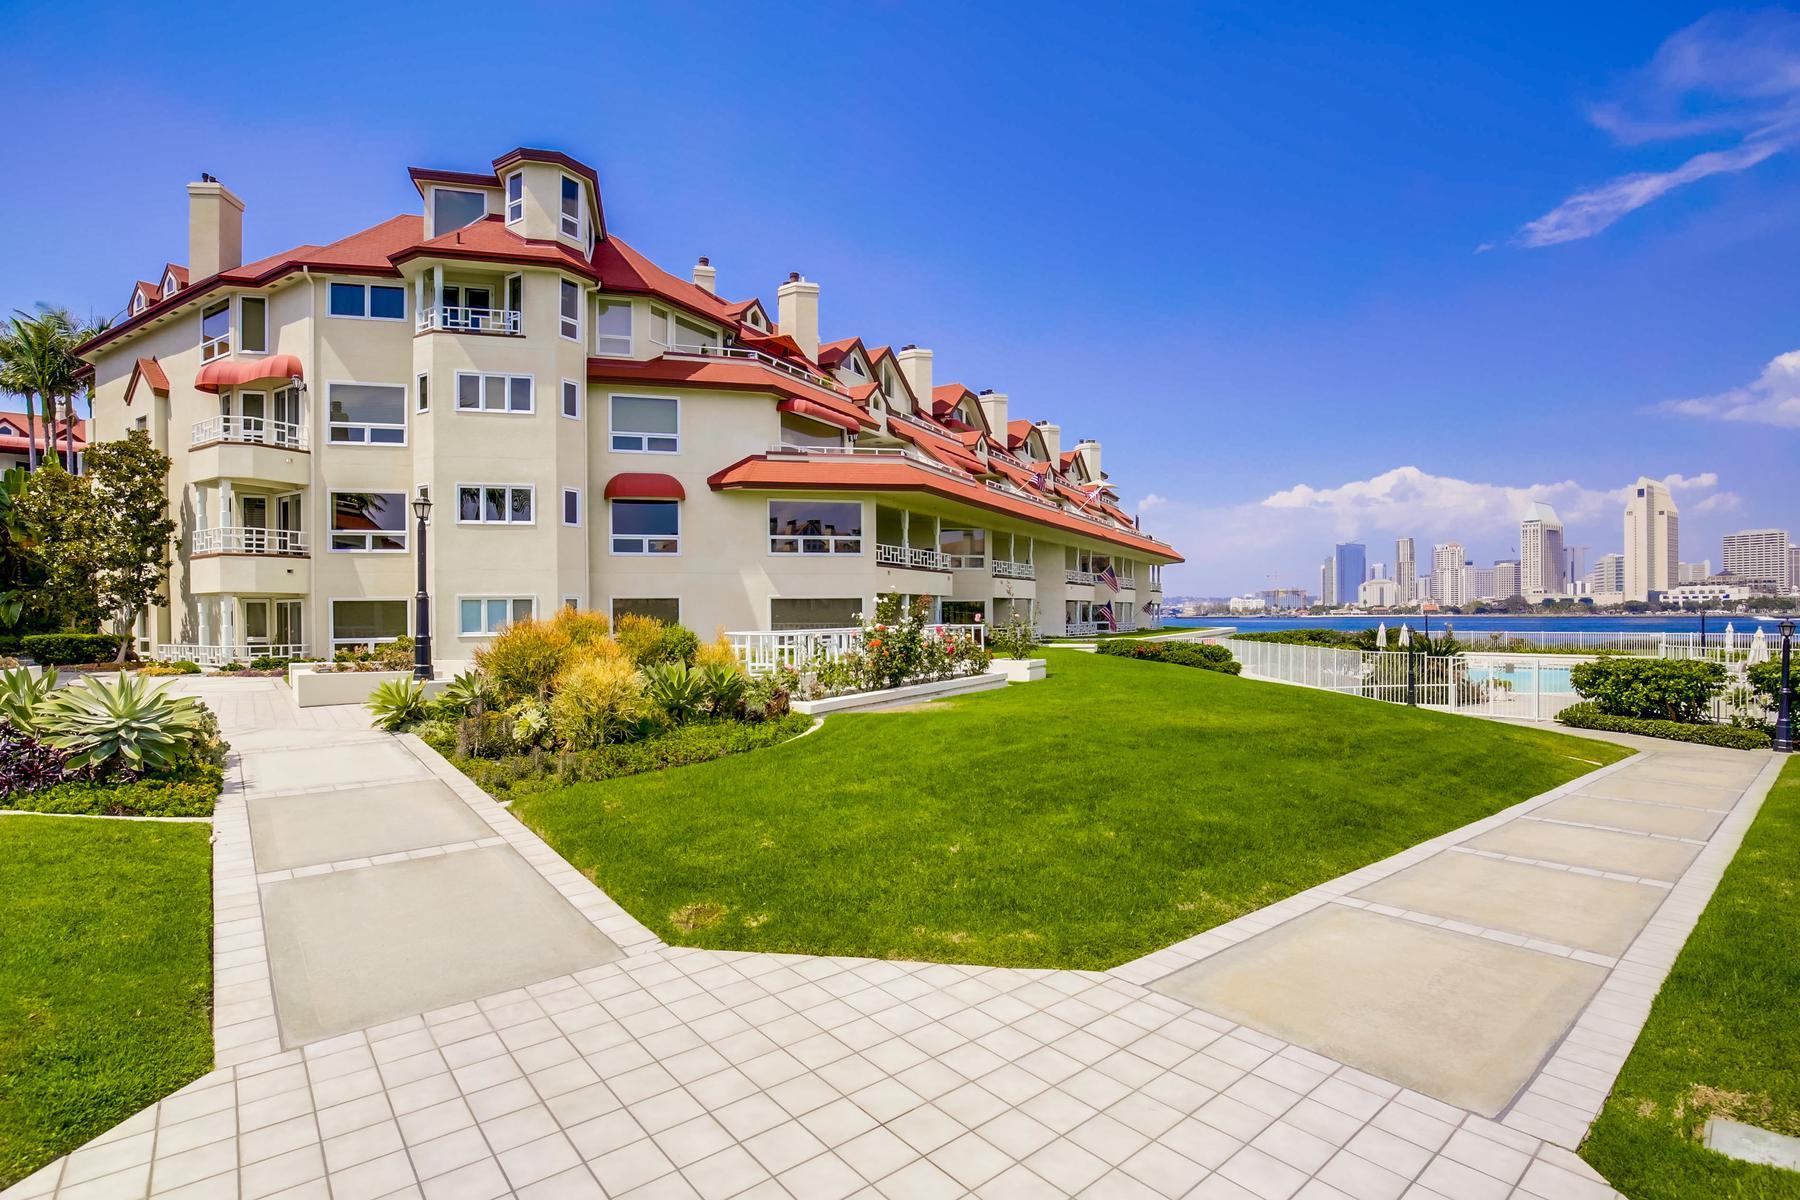 独户住宅 为 销售 在 1099 1st Street #207 1099 1st Street Unit #207, 科罗纳多, 加利福尼亚州, 92118 美国